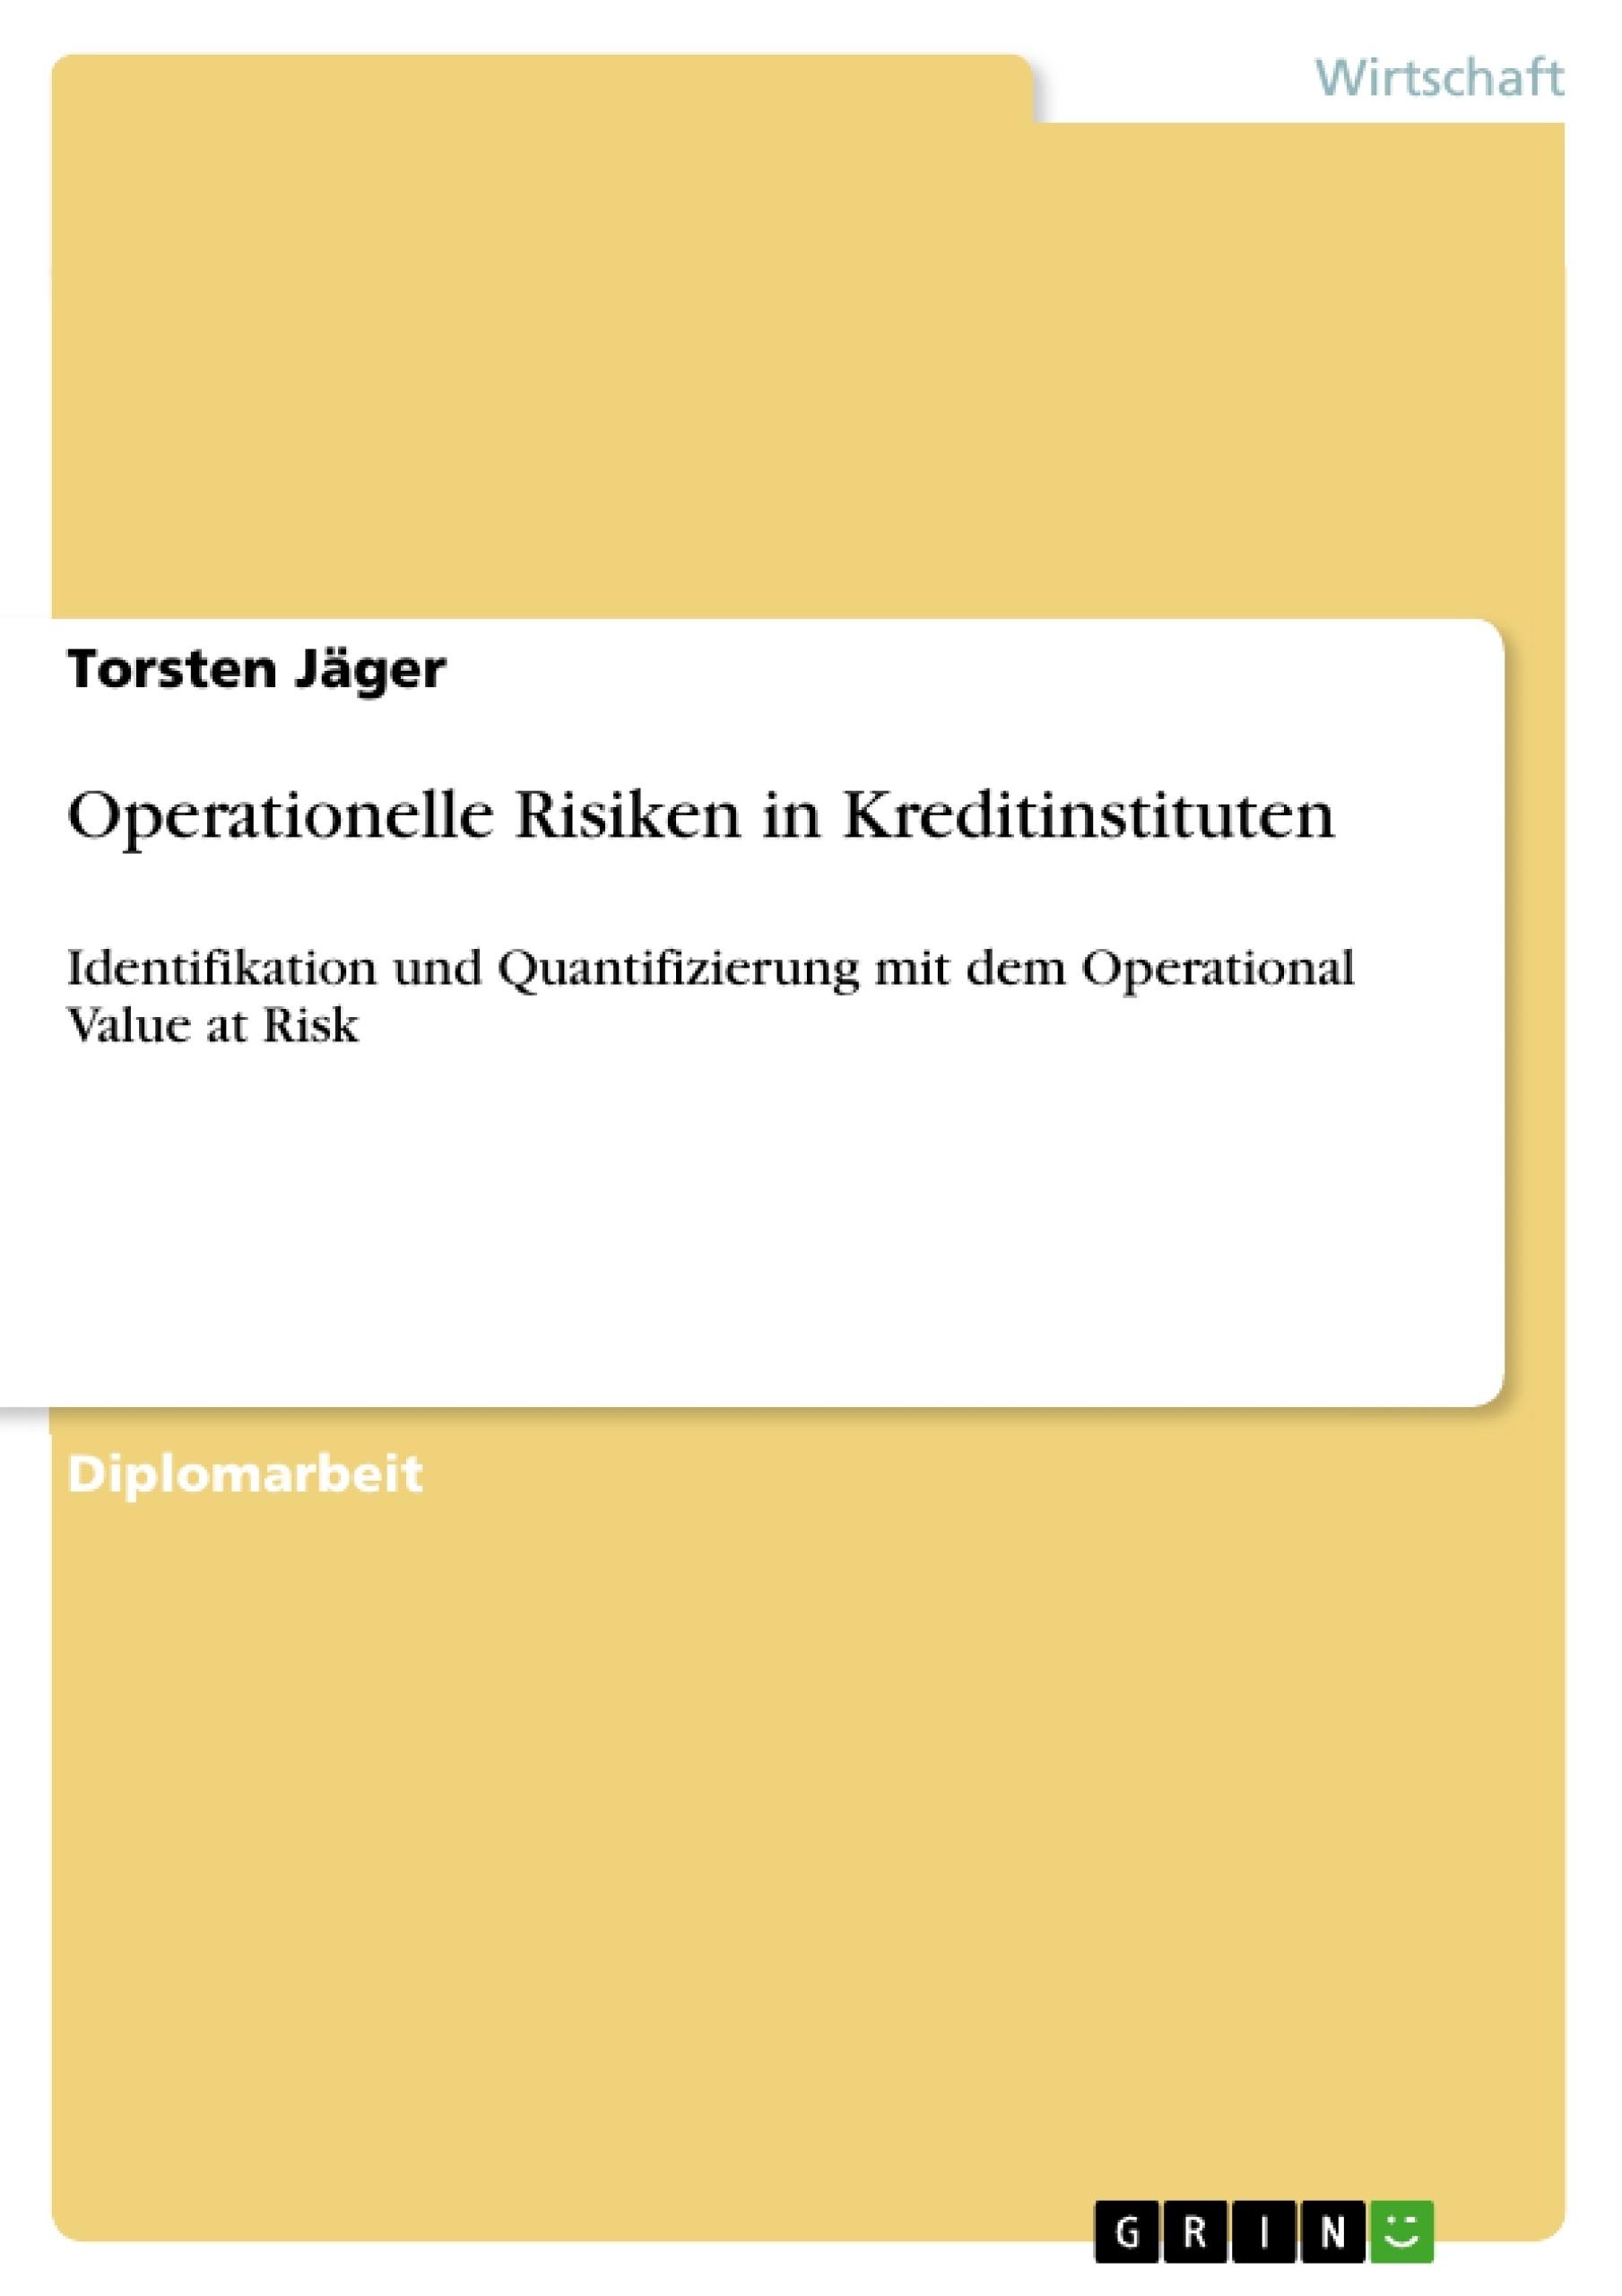 Titel: Operationelle Risiken in Kreditinstituten